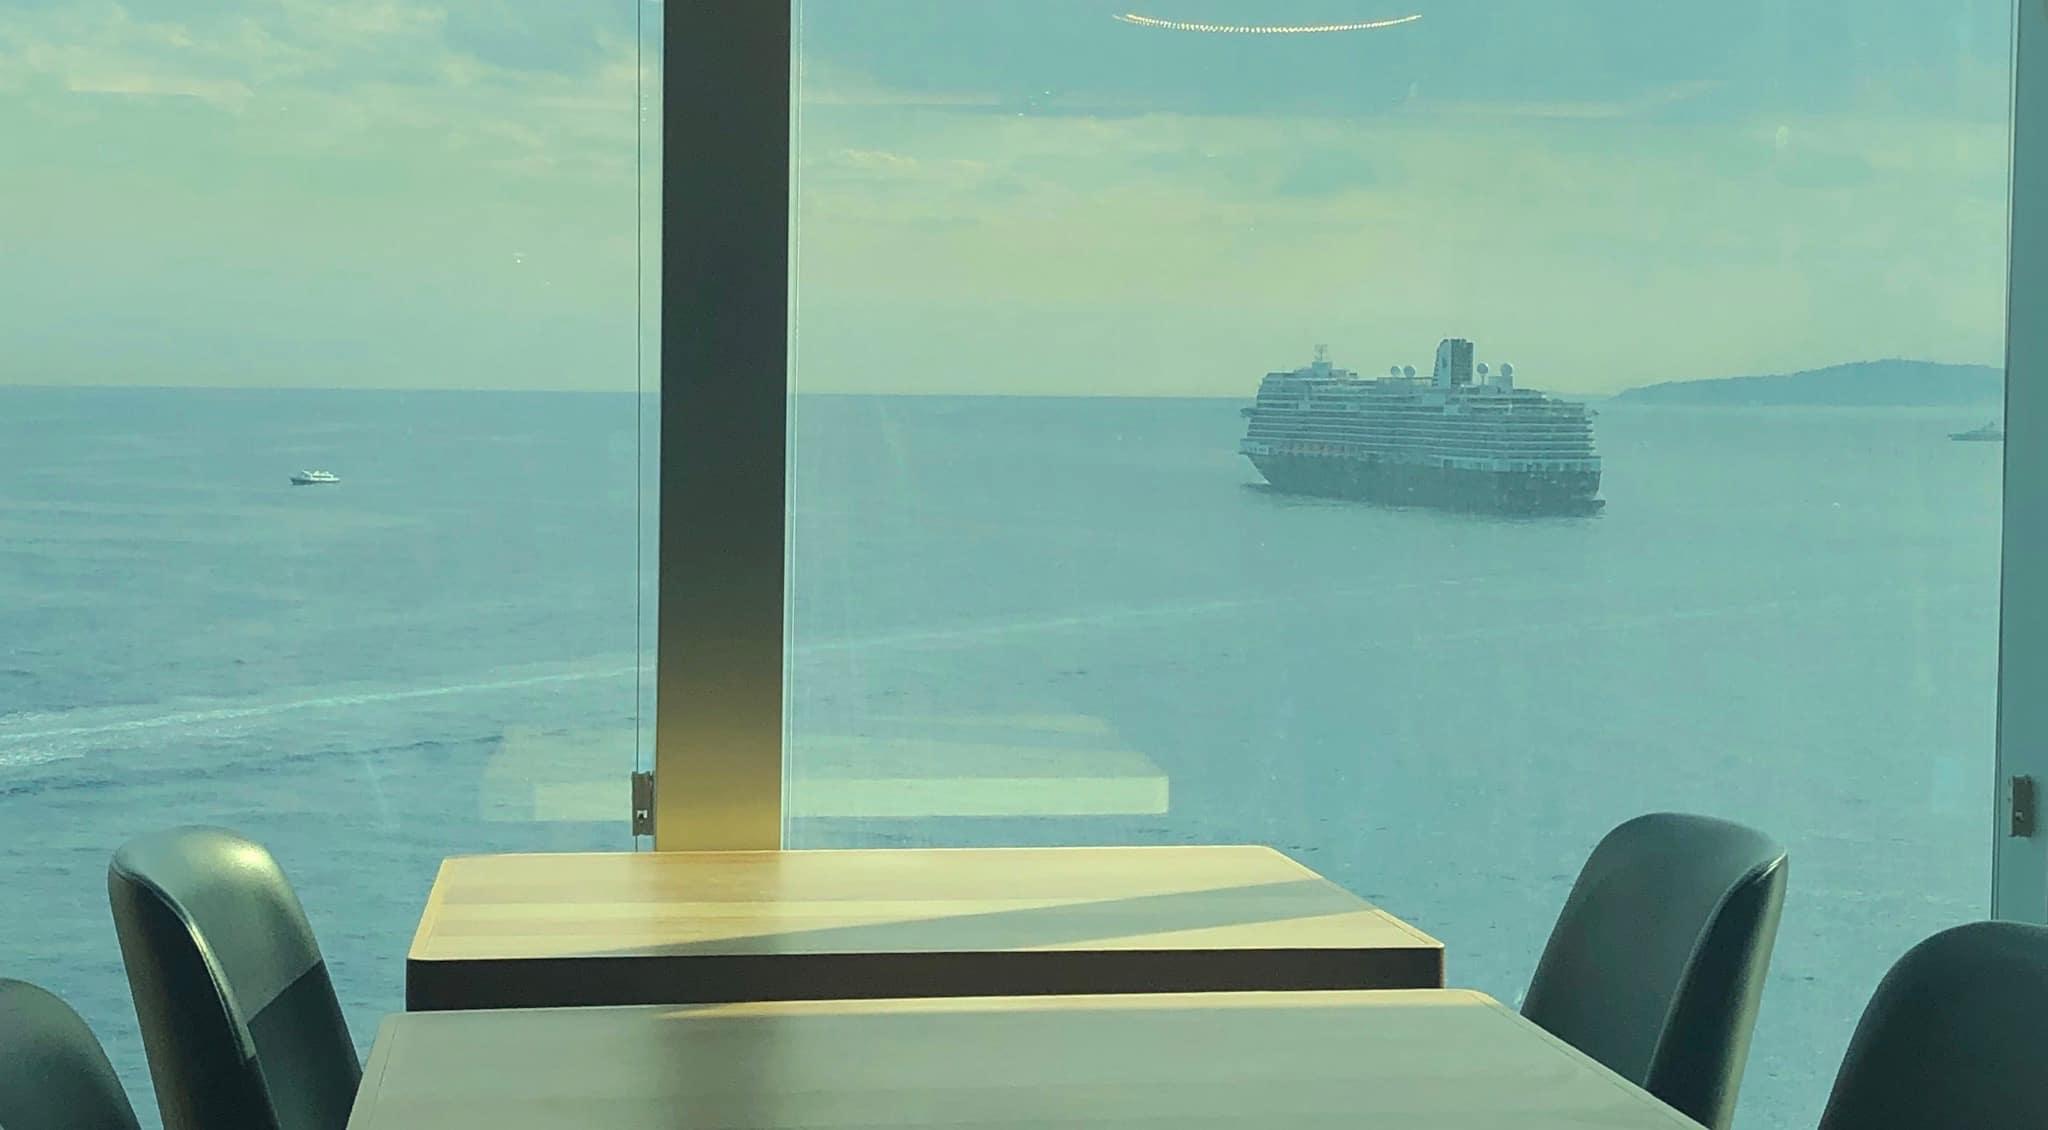 Cruise ship norovirus: Vital information to avoid illness